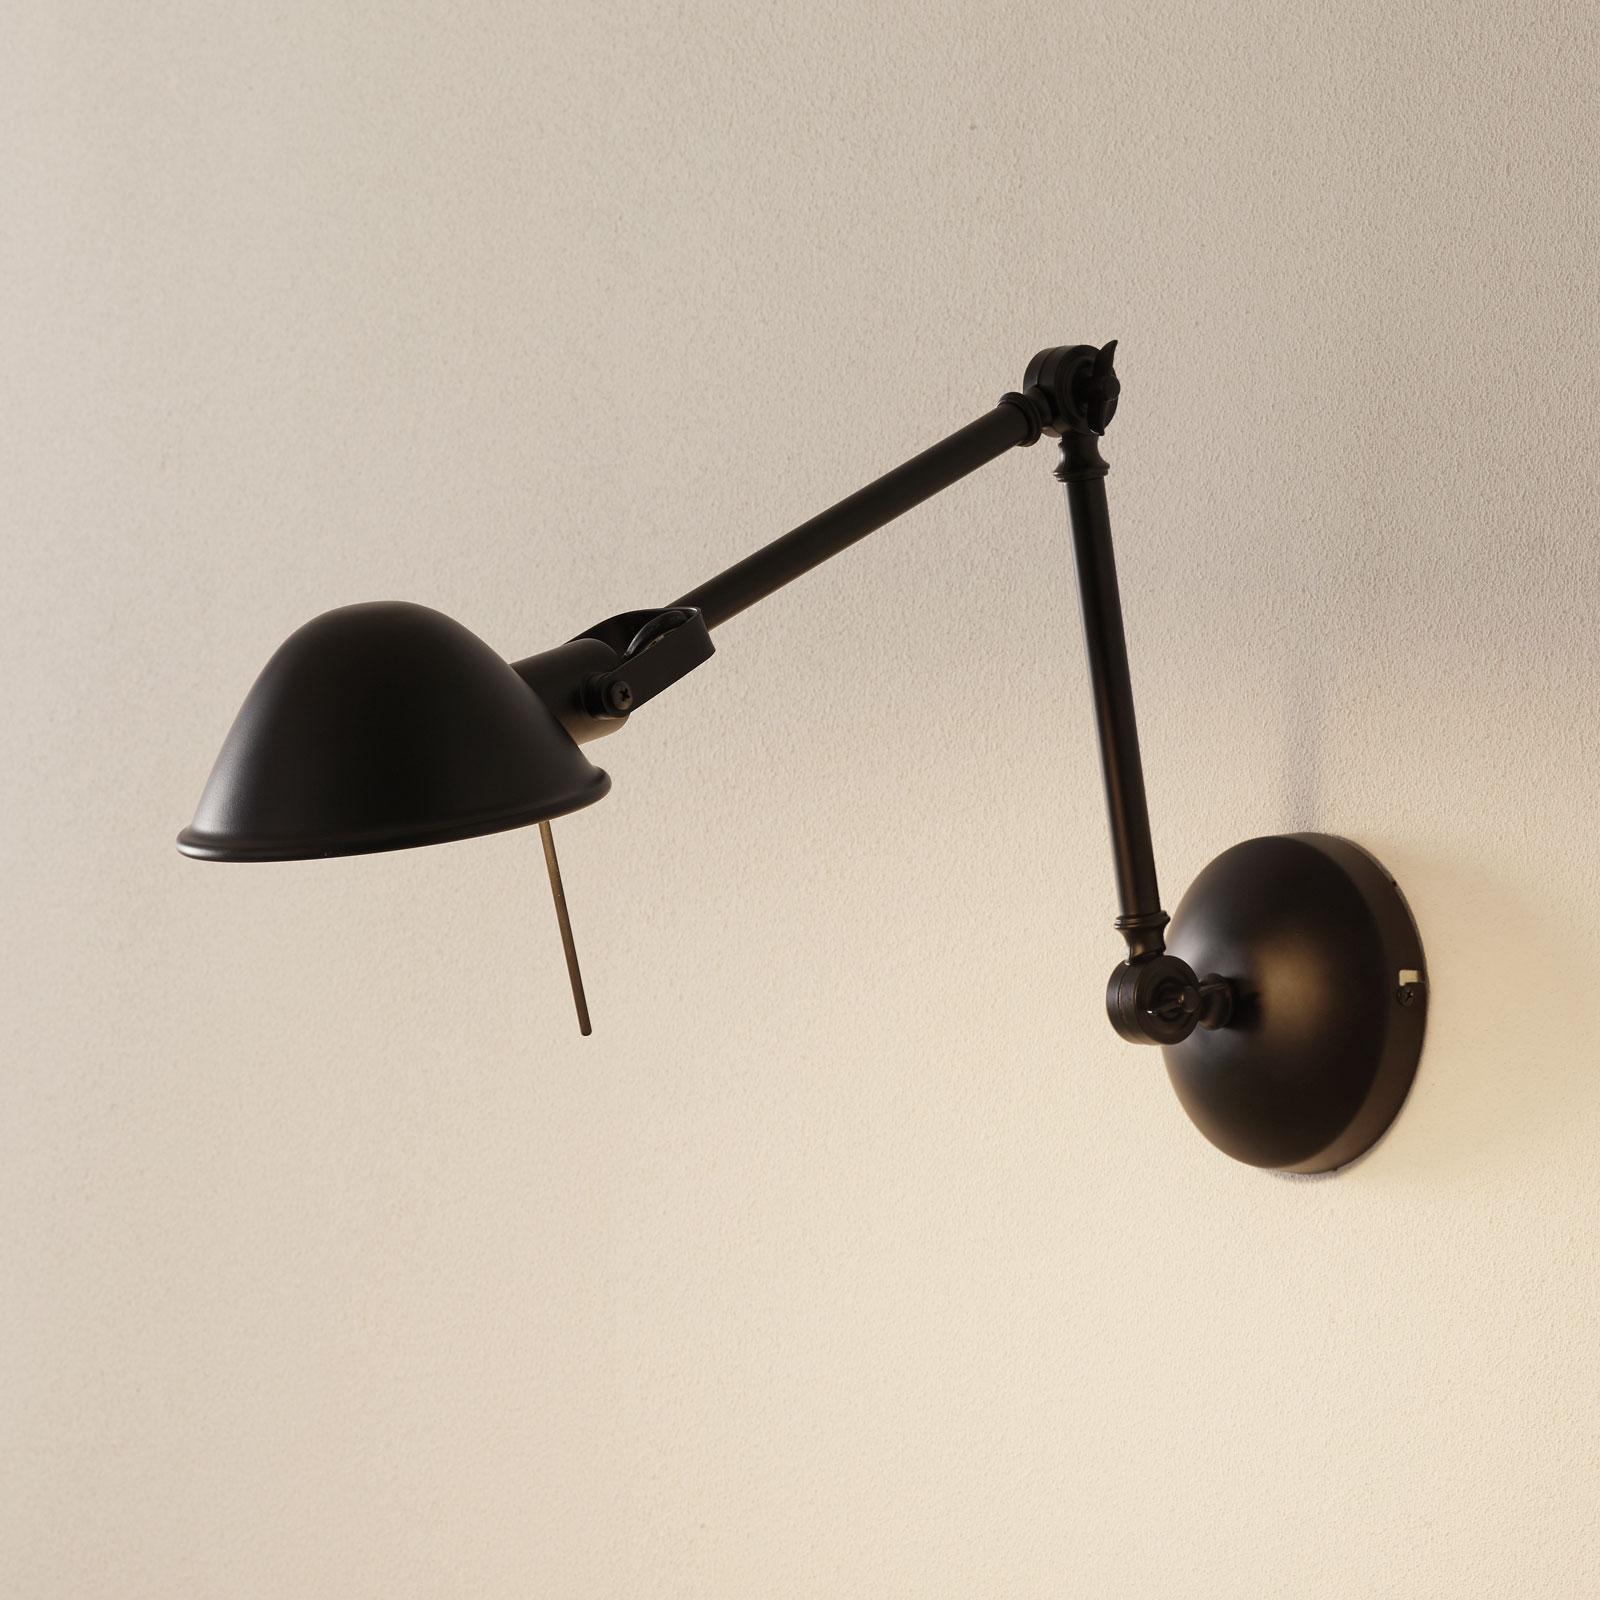 Flexible wall light Torana in black_1509066_1